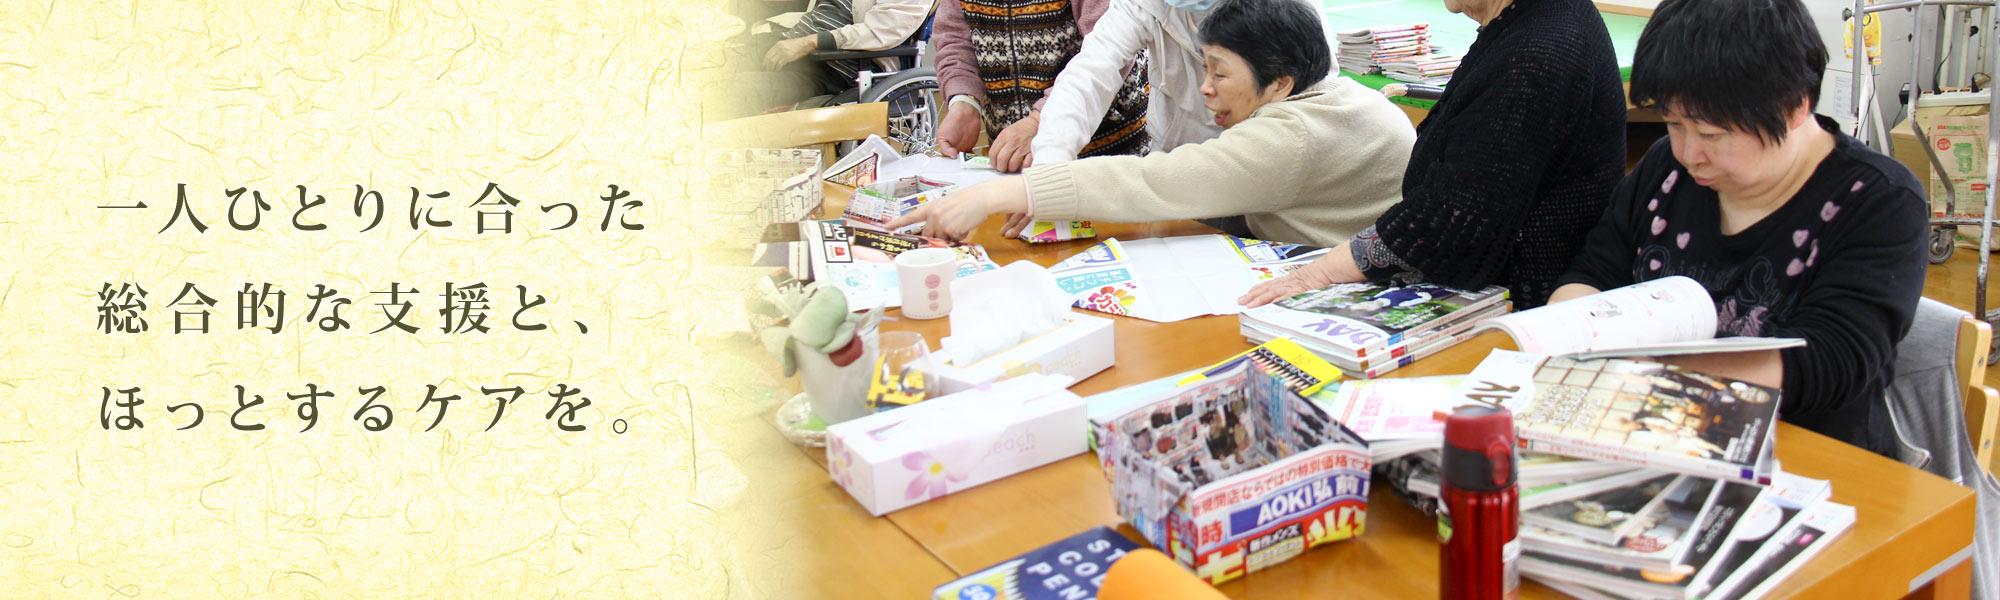 山郷館弘前グループは青森県弘前市を中心に入所・デイサービス・生活介護・訪問介護・障がい児支援をする障がい者支援施設です